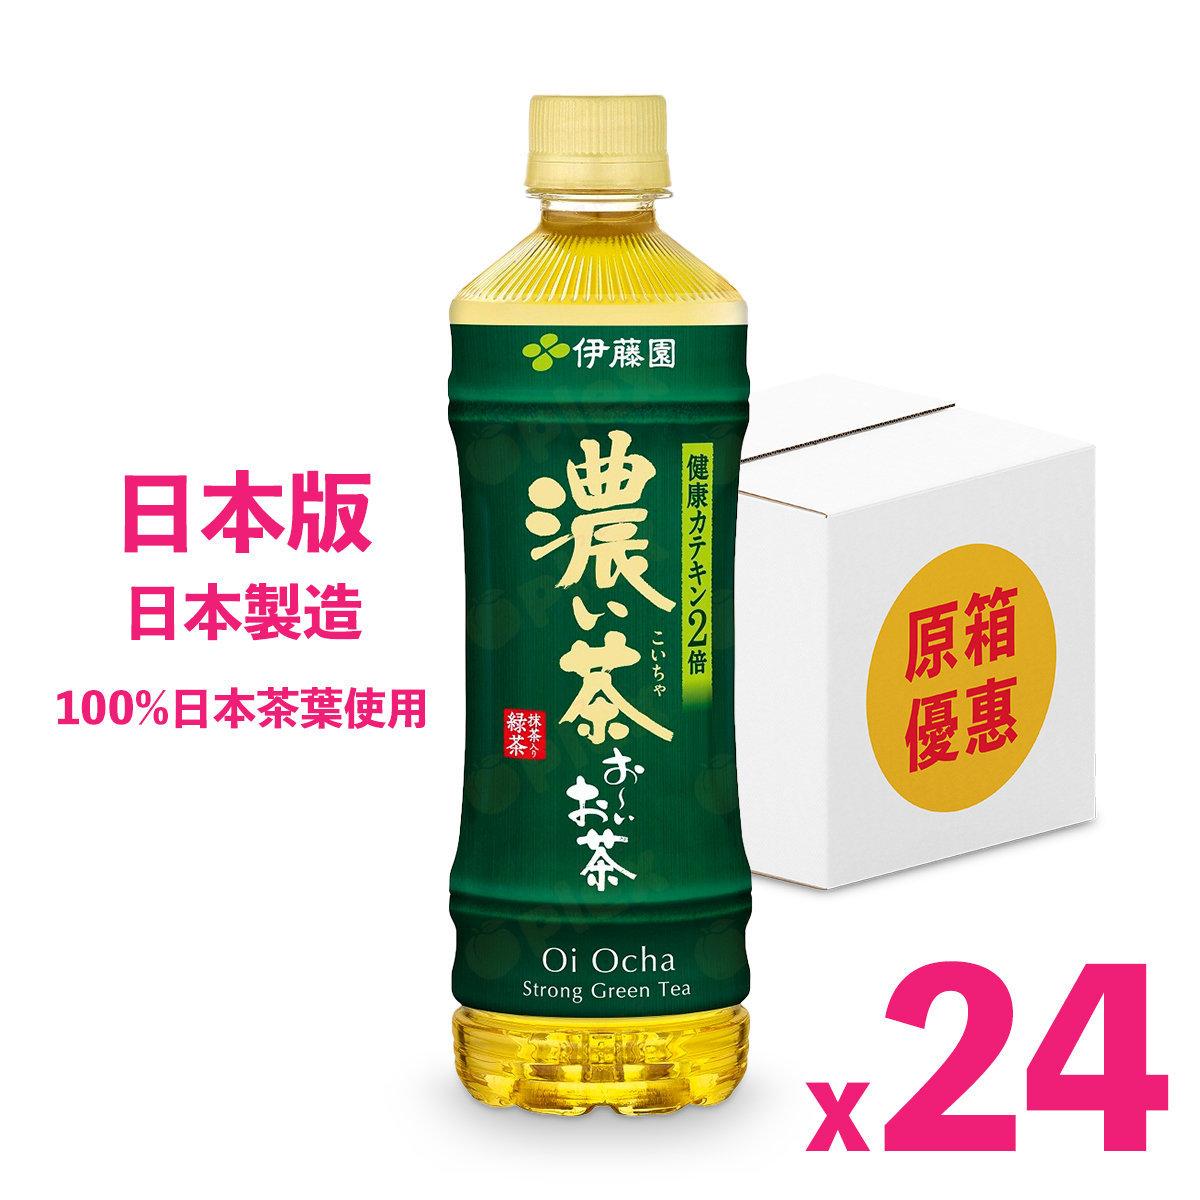 「日本製造」濃味綠茶 (525毫升) x 24支